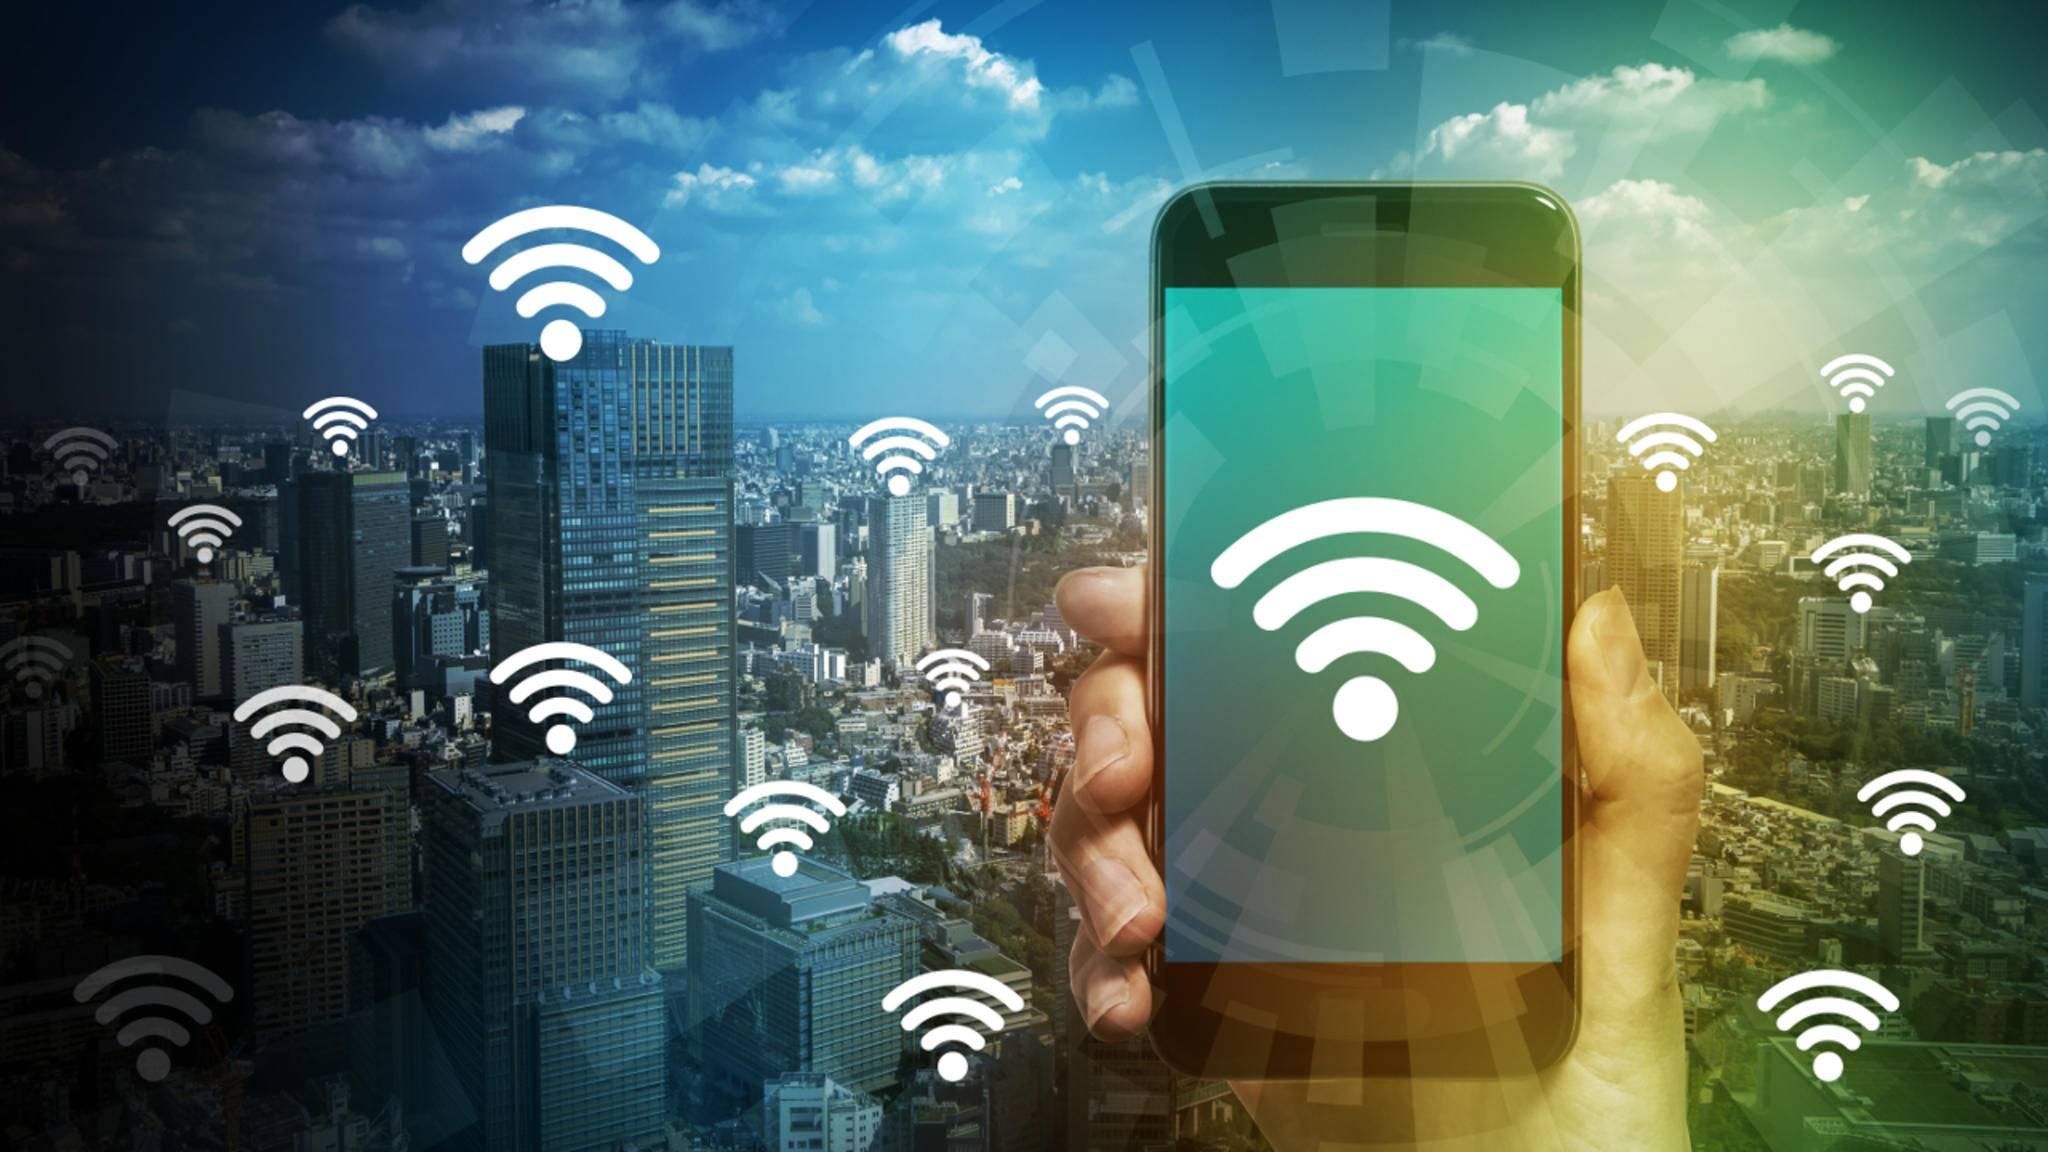 Das iPhone kann als mobiler Hotspot für andere Geräte dienen.